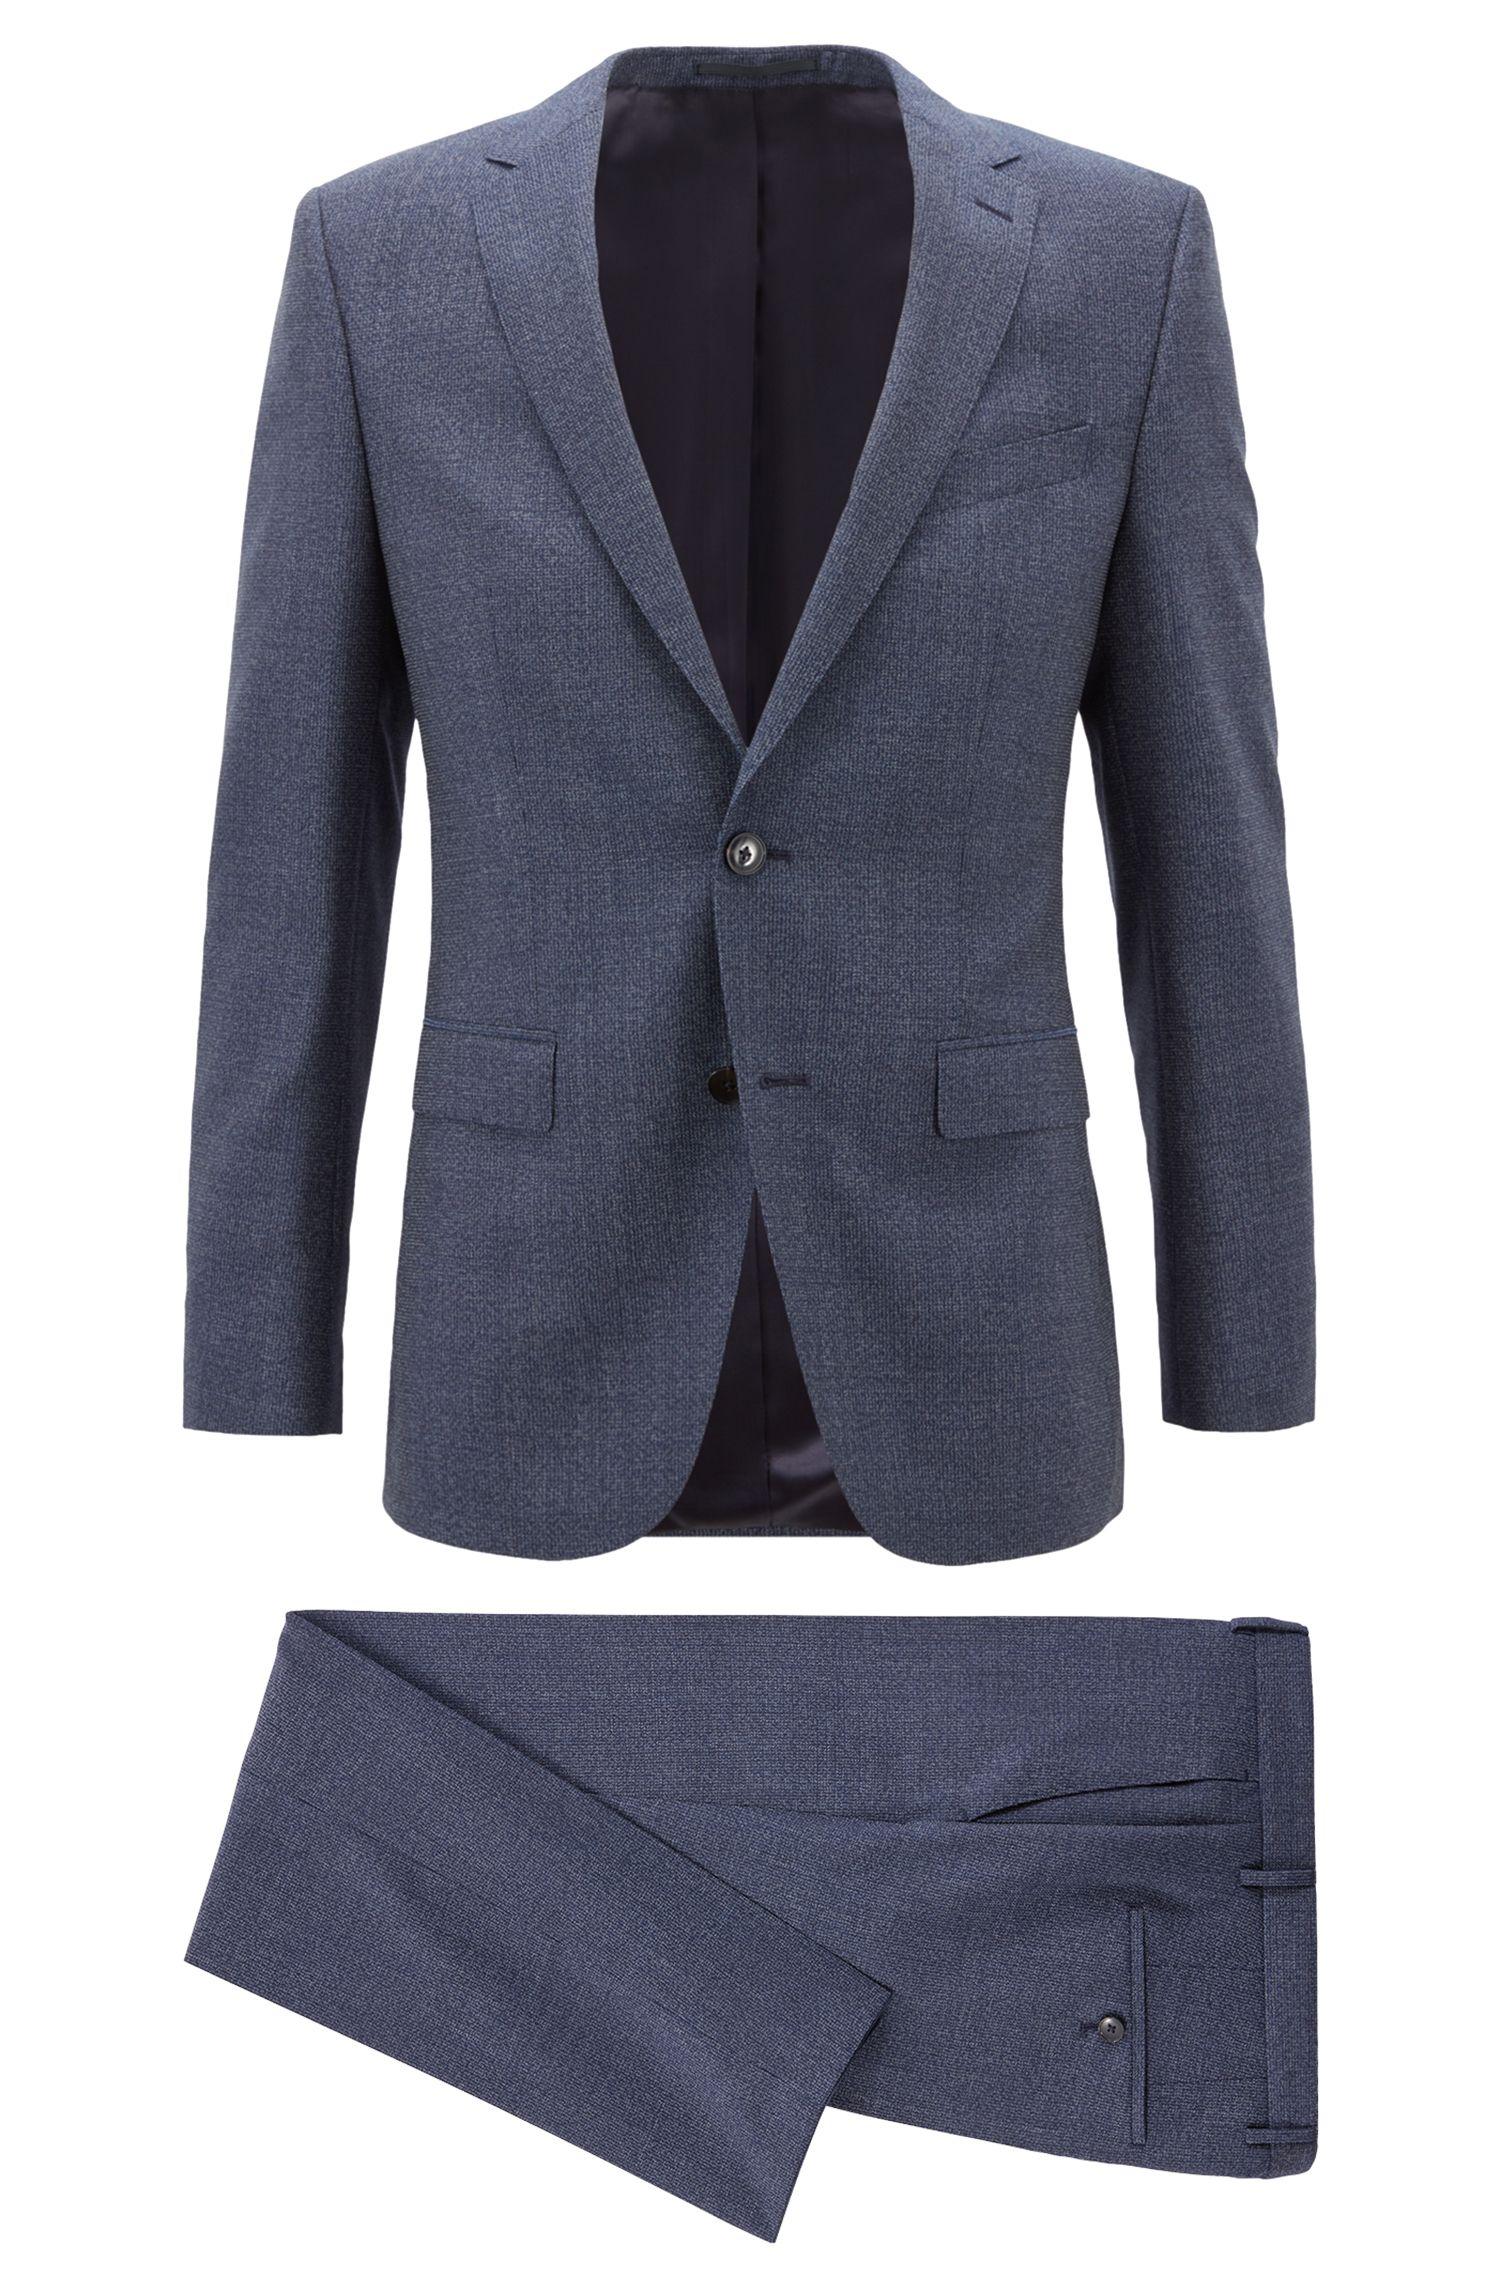 Gemusterter Slim-Fit Anzug aus Schurwoll-Serge, Dunkelblau